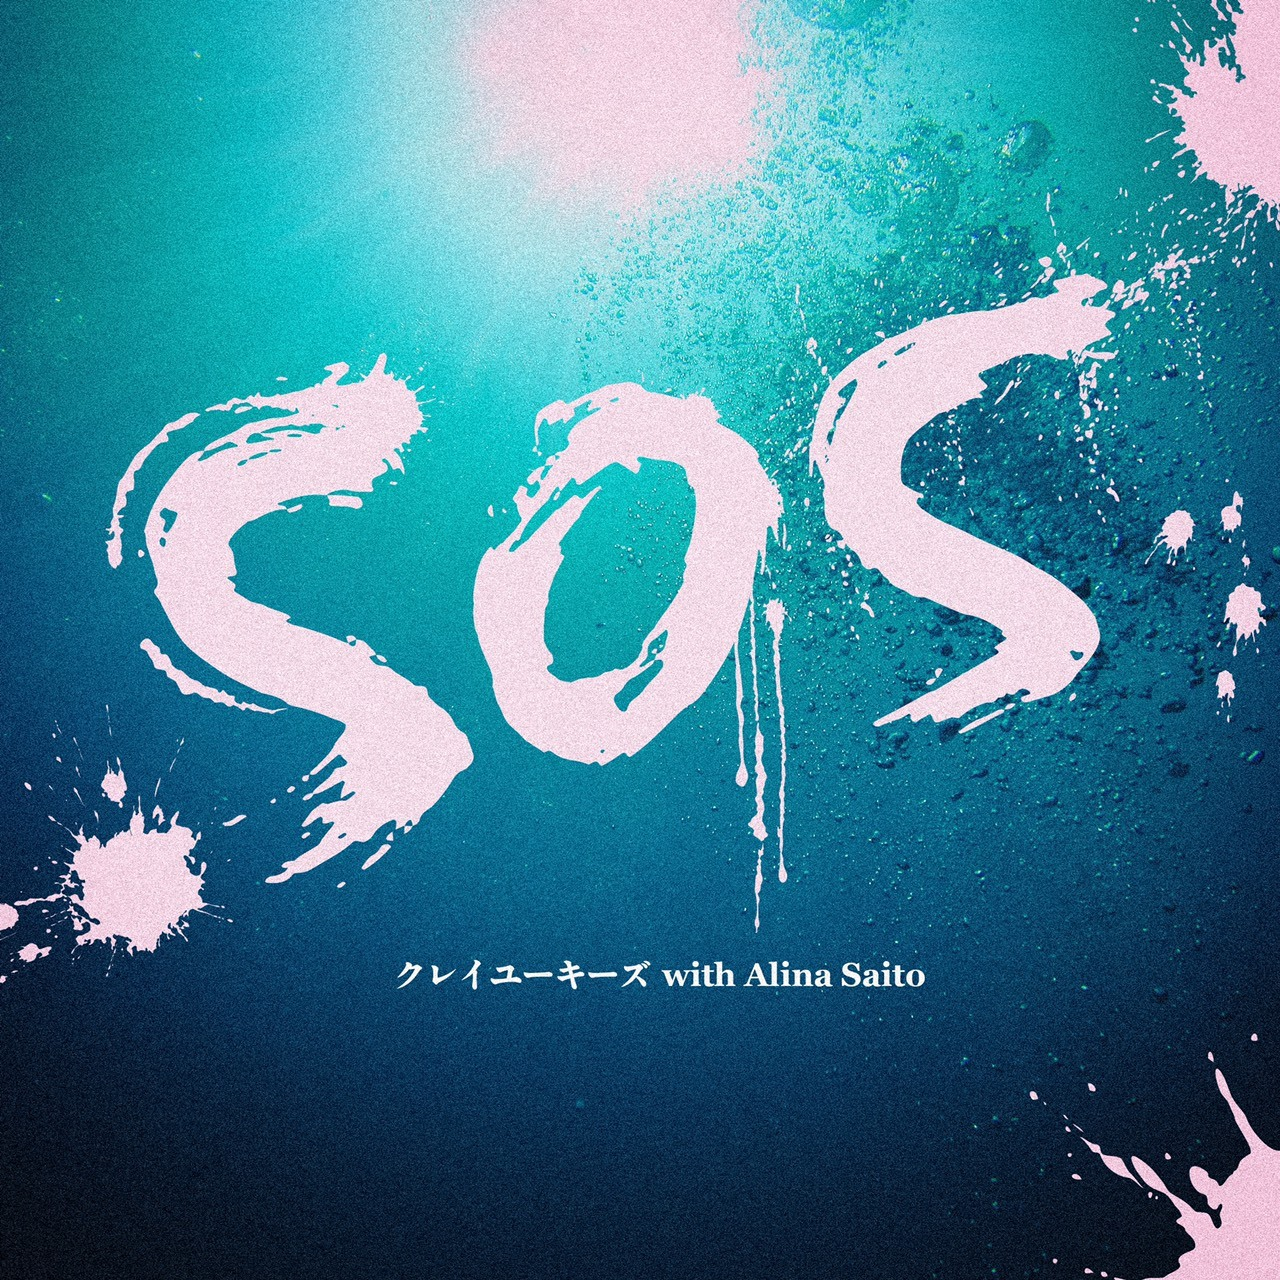 クレイユーキーズ with yuiワンマン配信LIVE本日開催、新曲SOSもリリースサムネイル画像